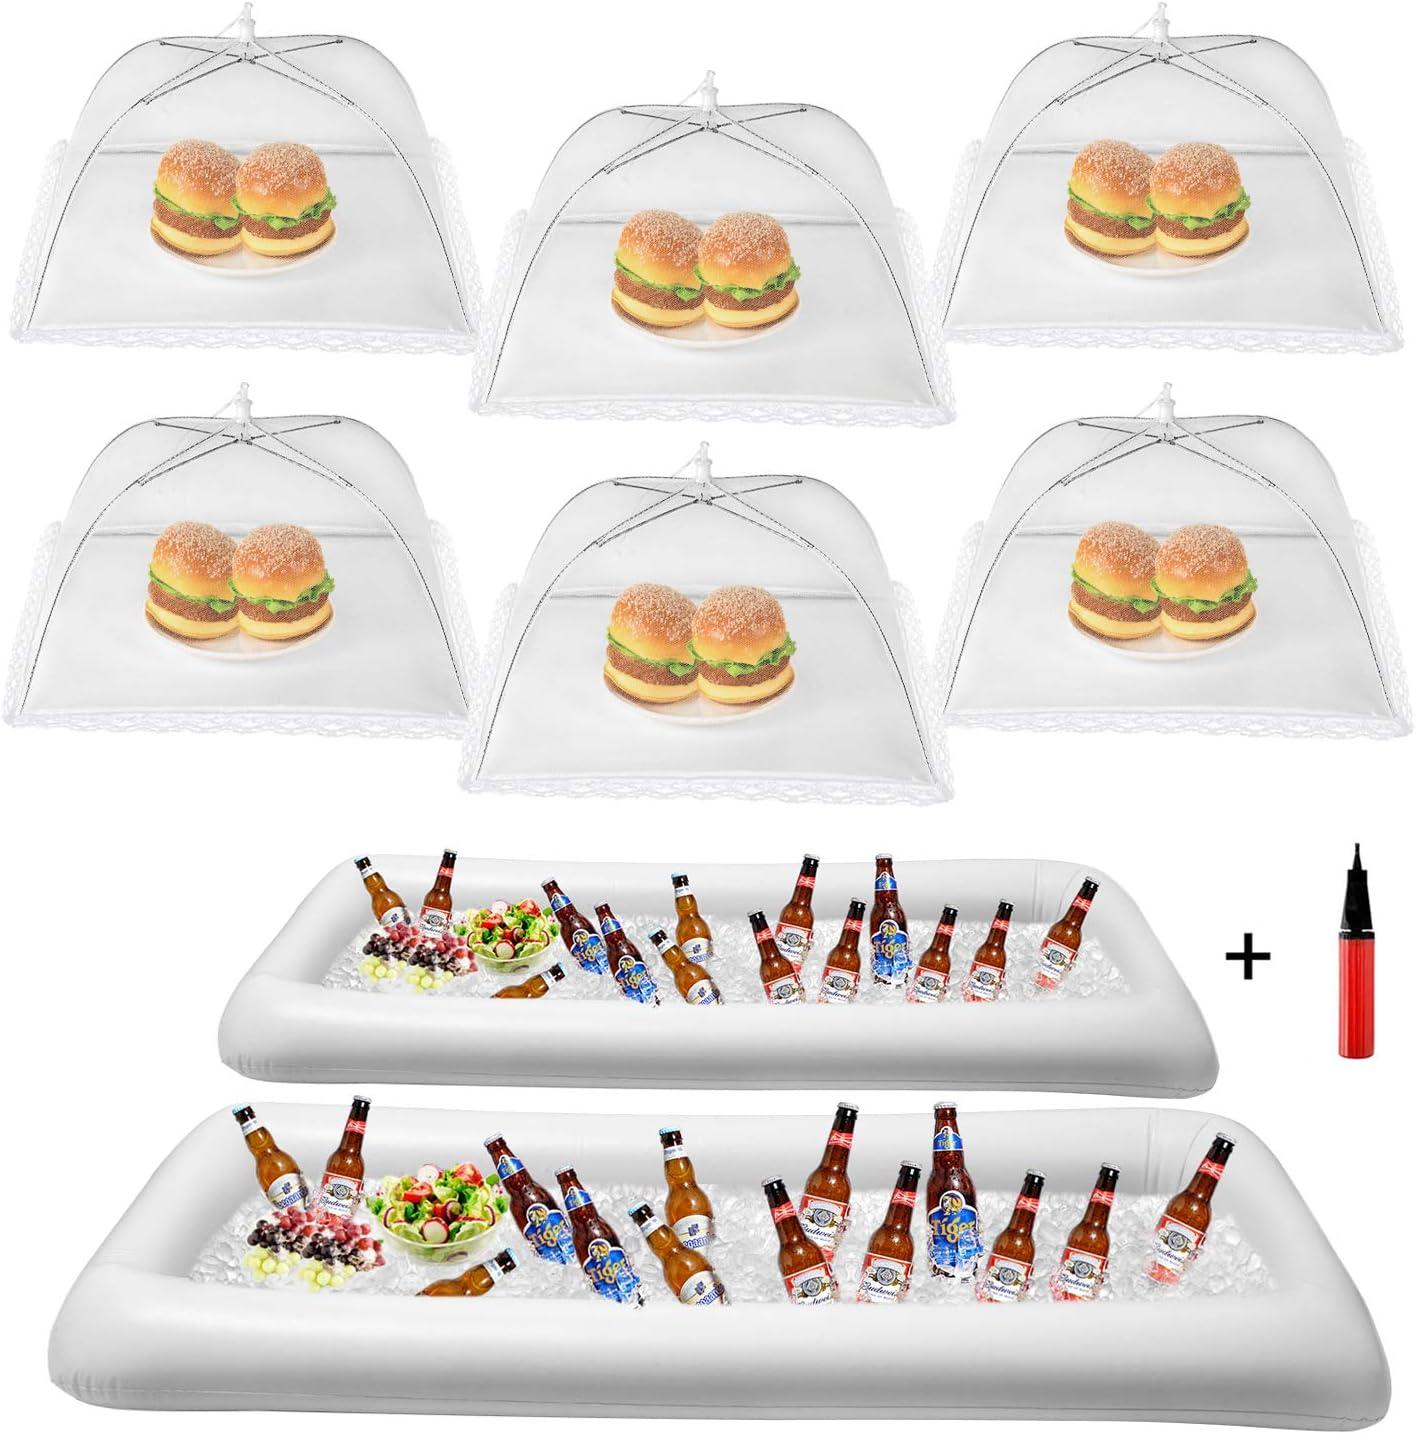 HabiLife Inflatable Serving Bar & Food Umbrella Mesh Cover Screen Tent set, For Parties Picnics Pool Use Bar Party Accessories, 2 Inflatable Bar,6 Food Cover Tent, 1 Balloon Pump(Random Color)